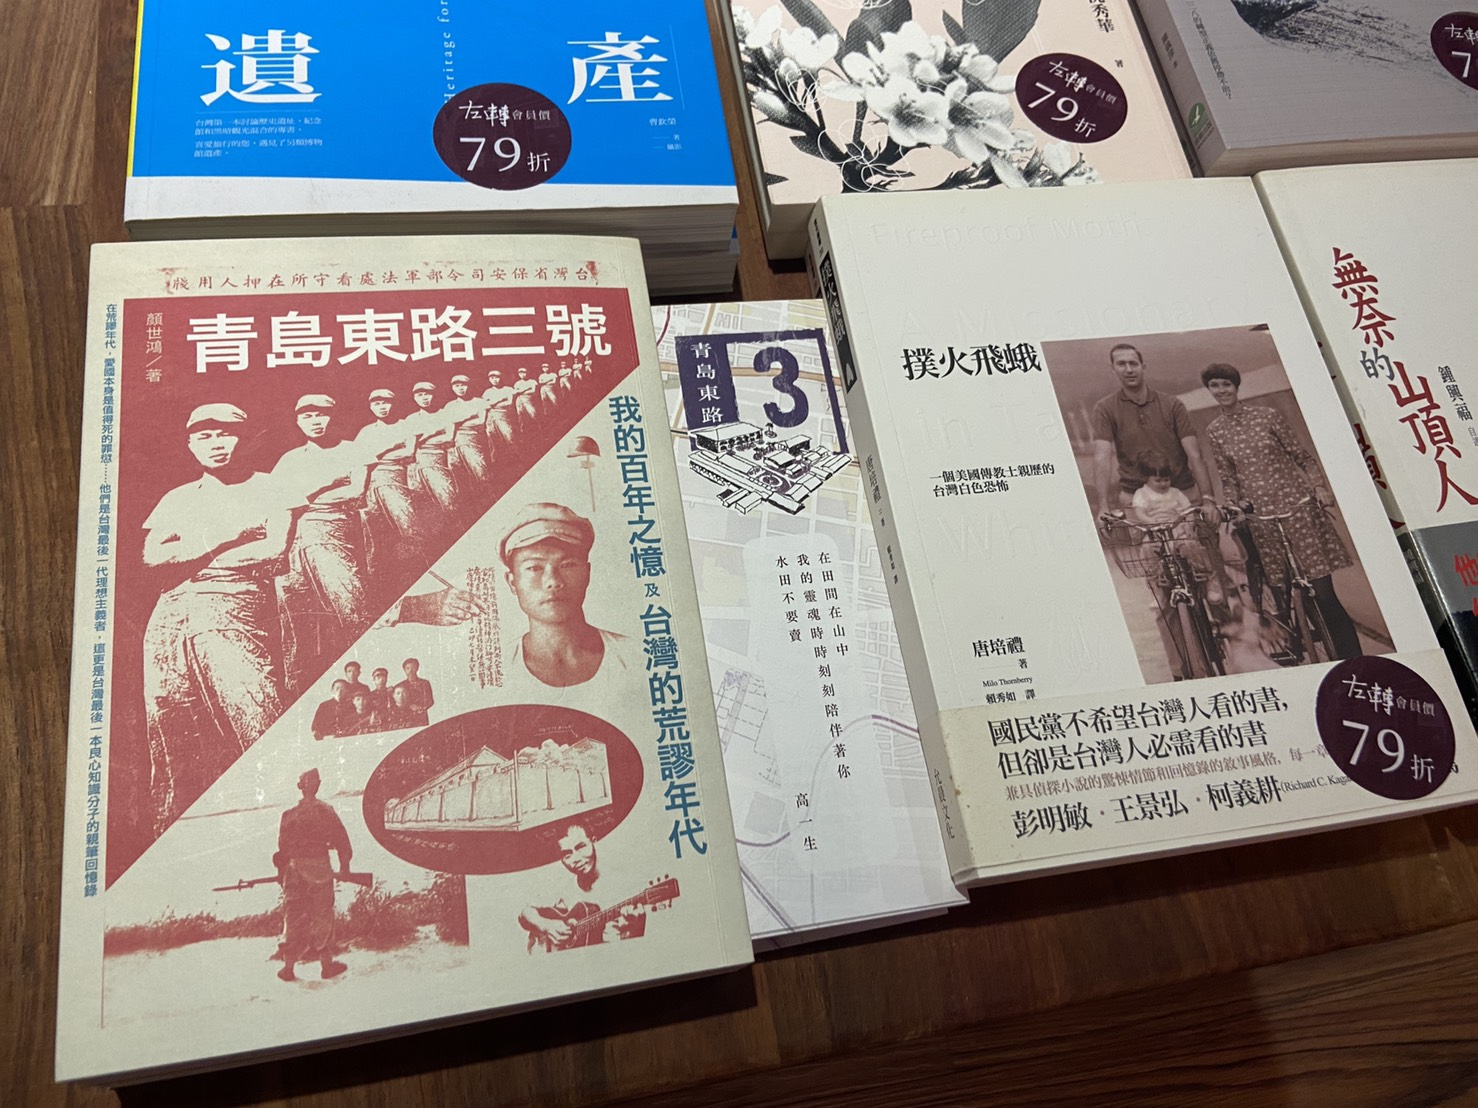 書的介紹——《青島東路三號》與《無法送達的遺書》